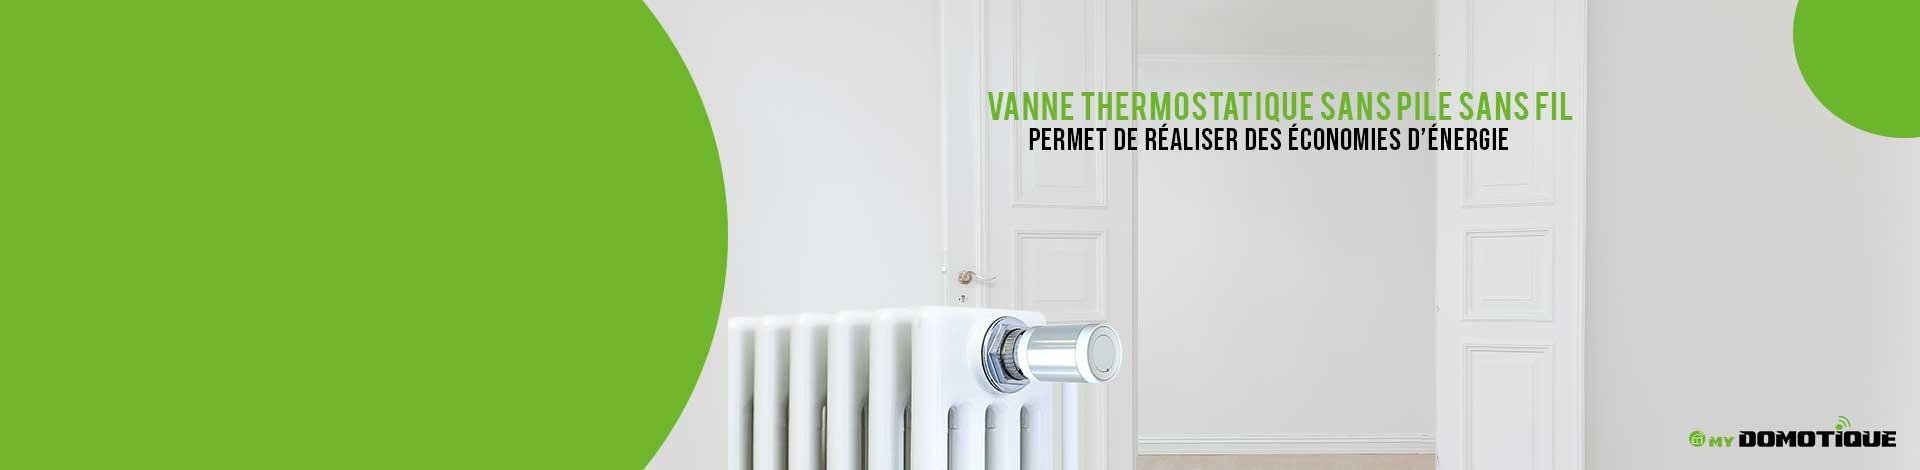 Vente de produits domotiques pour le confort, l'énergie, la sécurité... La domotique est l'art d'automatiser sa maison. Avec les technologies modernes, il est en effet possible aujourd'hui de rendre sa maison intelligente.